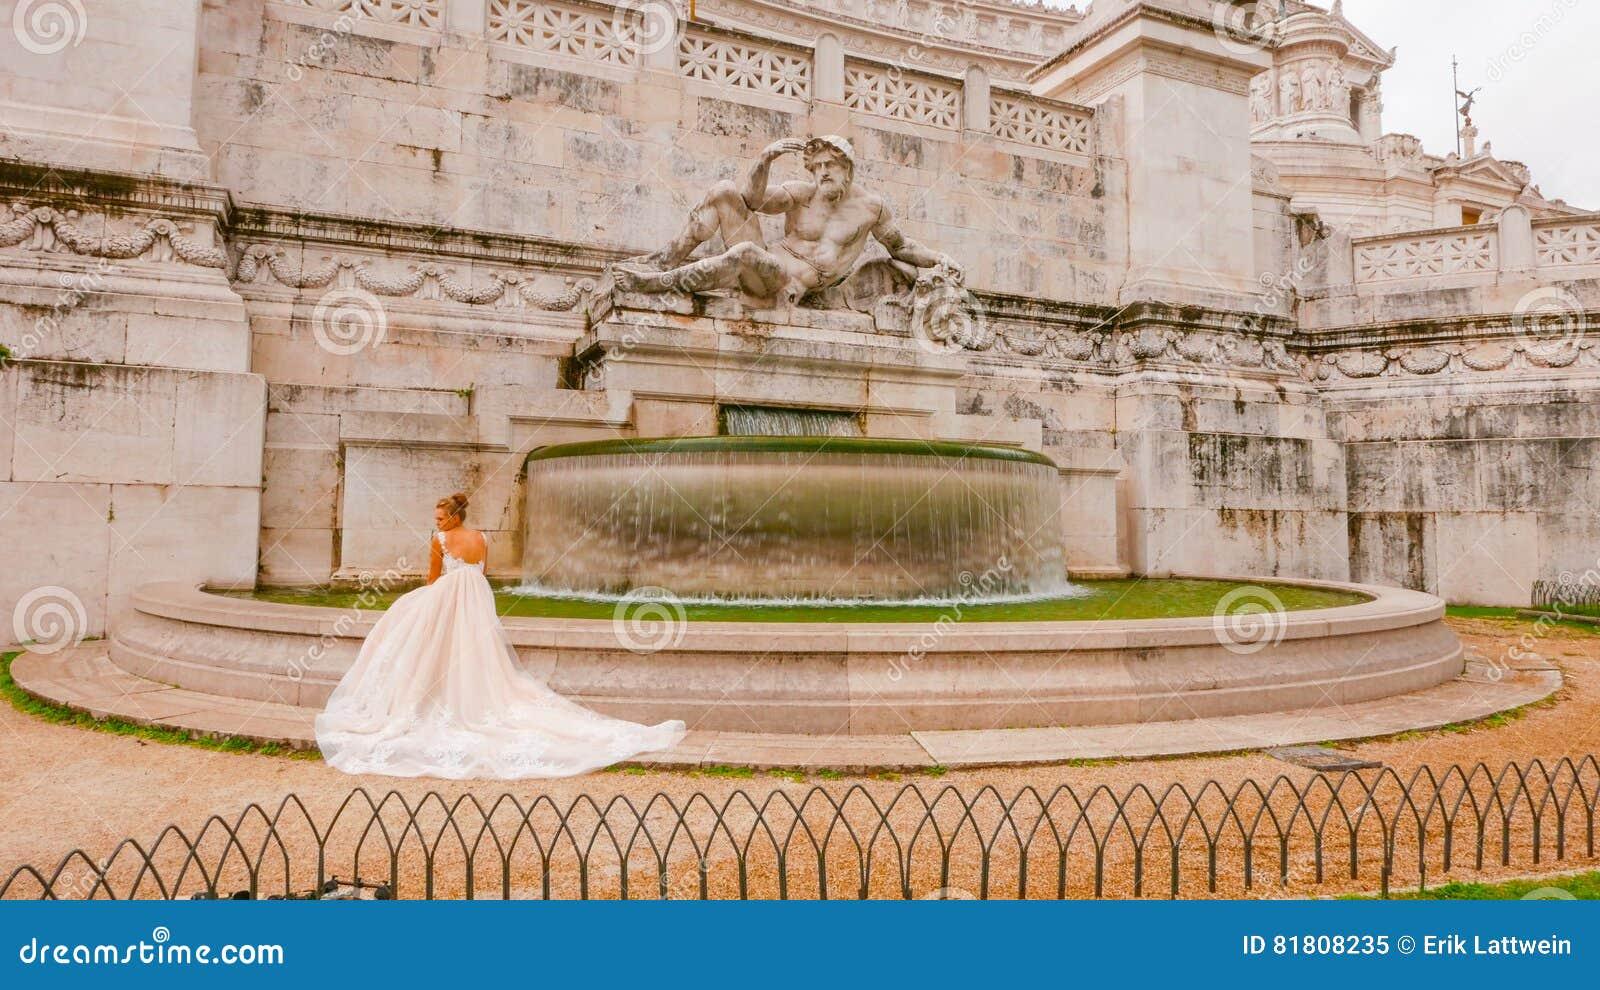 Фотография свадьбы на национальном монументе в Риме